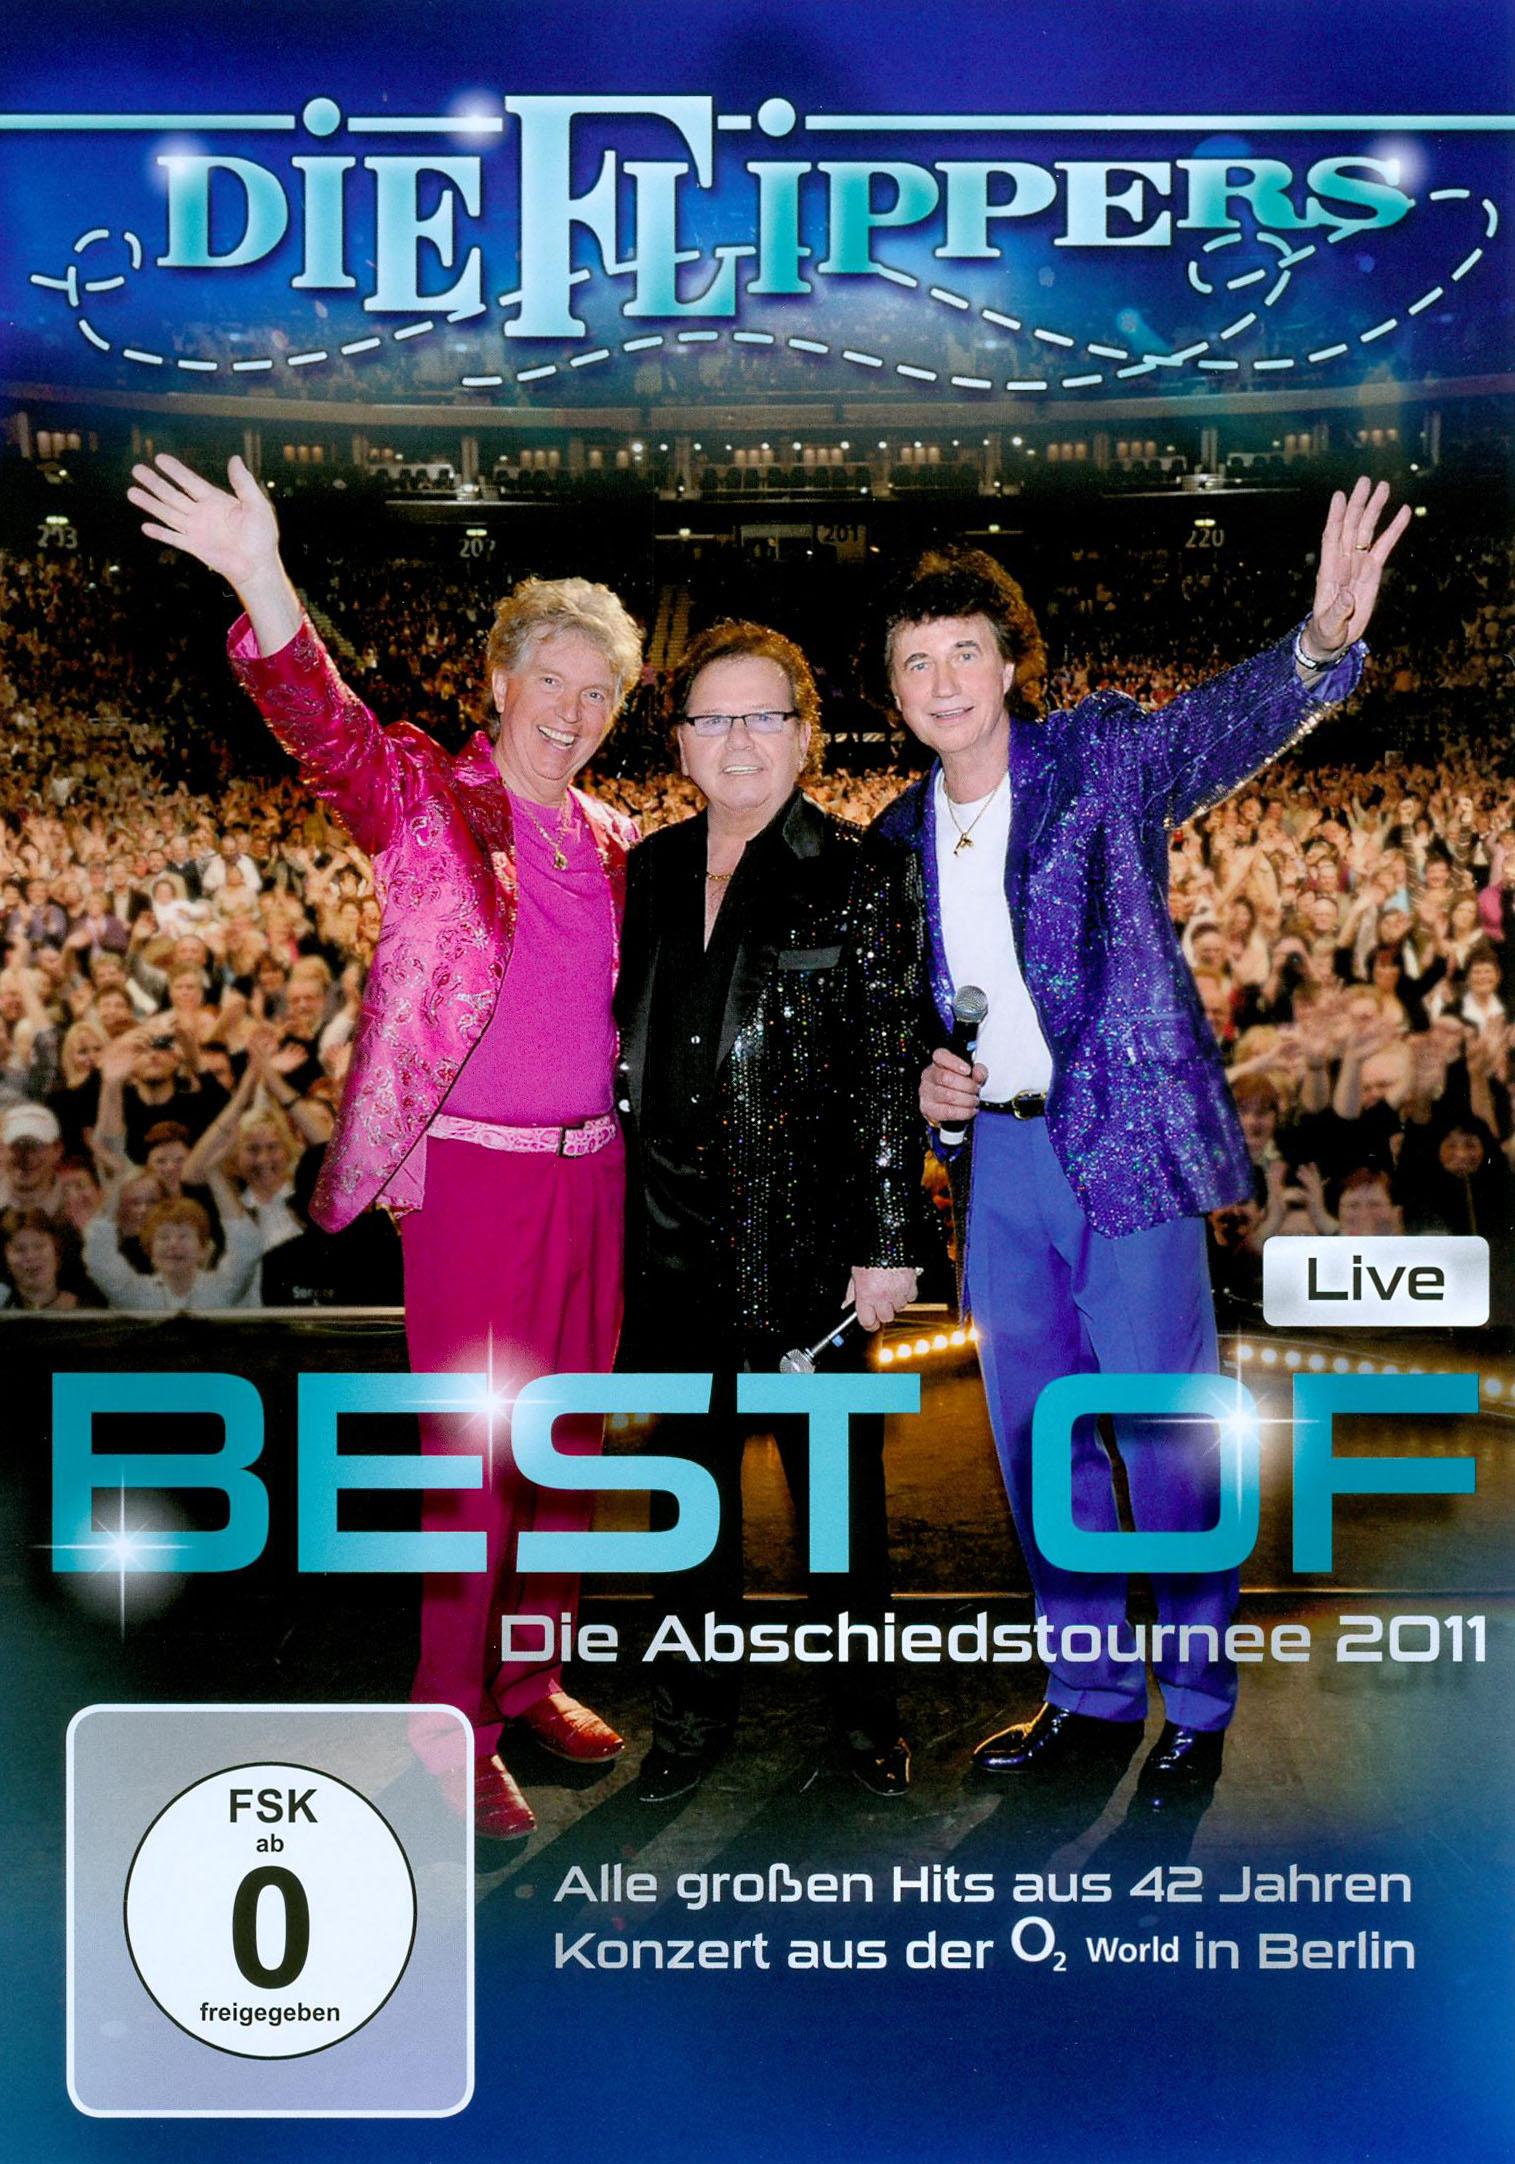 Die Flippers: Best of Die Abschiedstournee 2011 Live